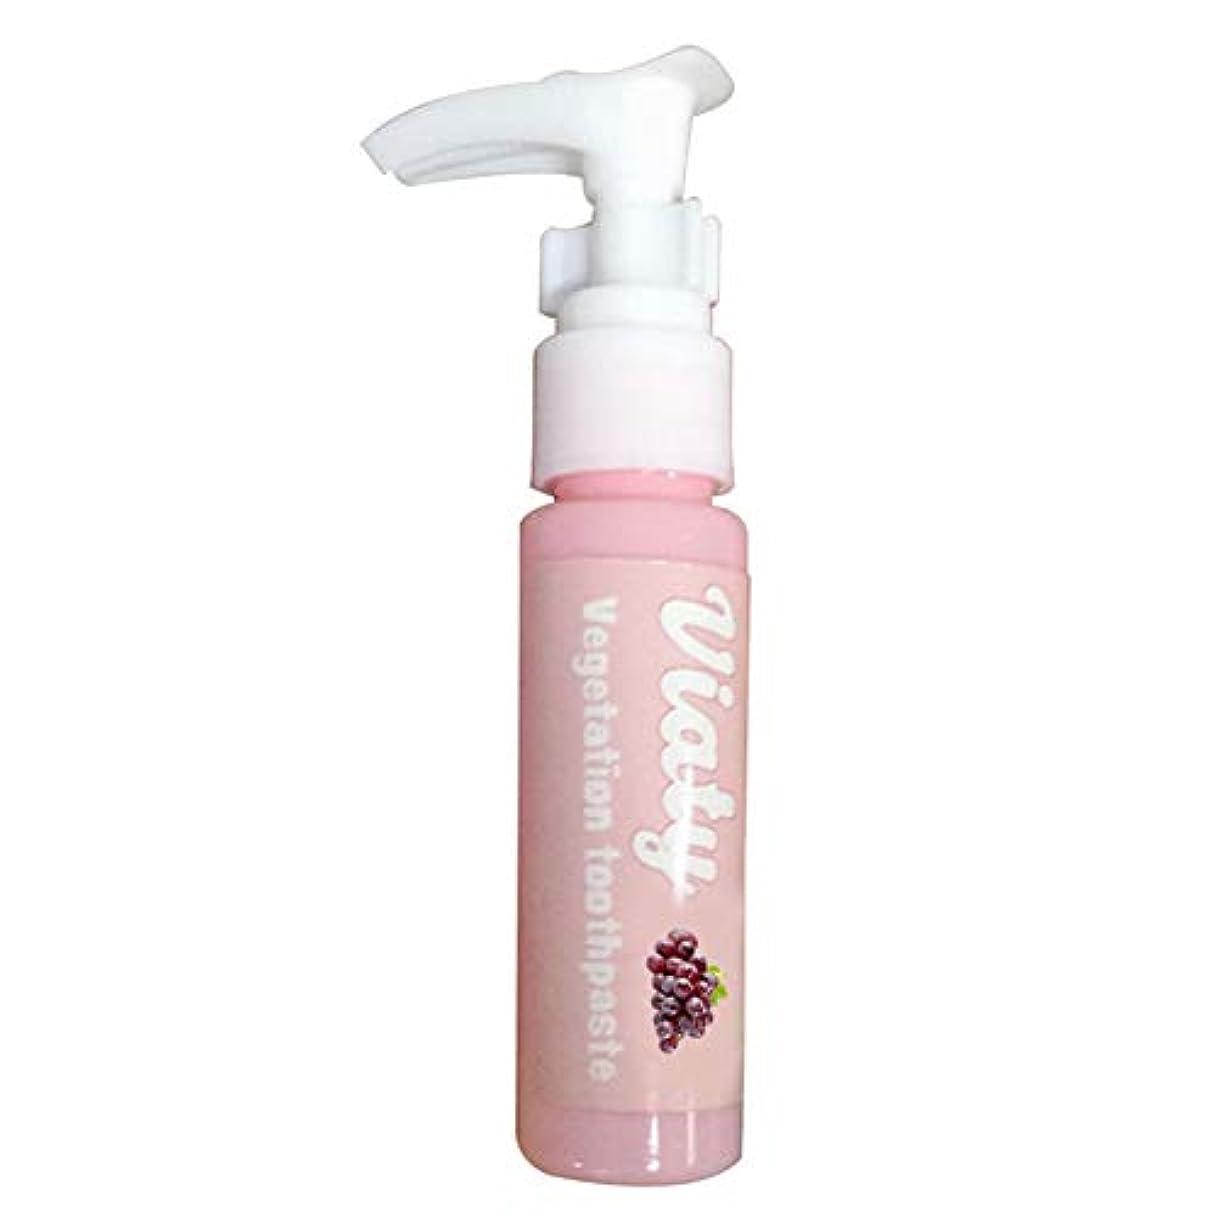 適性所有者シーケンスAylincool 歯磨き粉を押す旅行ベーキングソーダを白くする装置のフルーティーなベーキングソーダ歯磨き粉